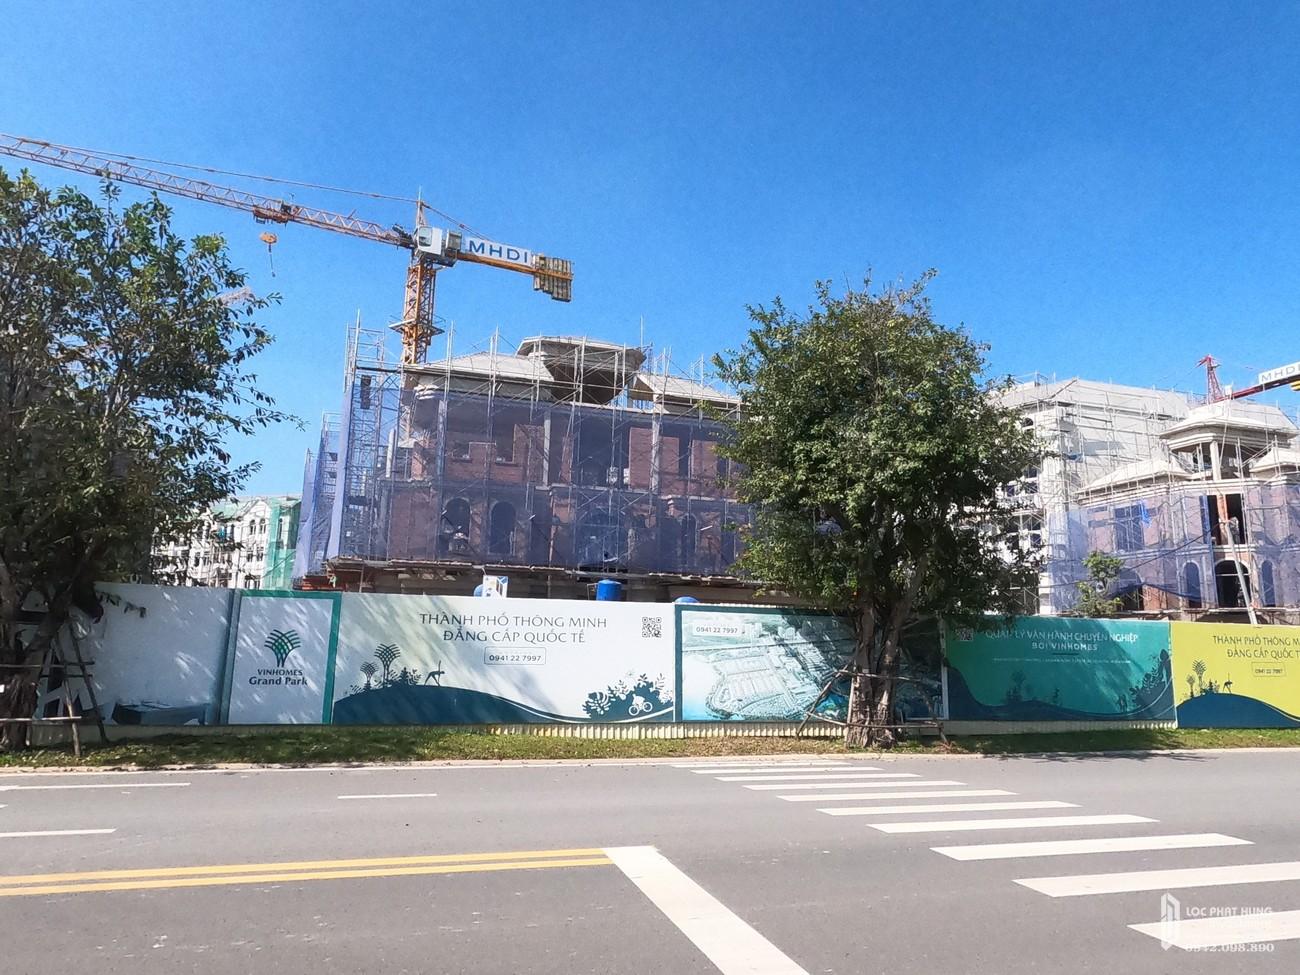 Tiến độ dự án nhà phố The Manhattan Quận 9 Đường Nguyễn Xiển  chủ đầu tư Vingroup